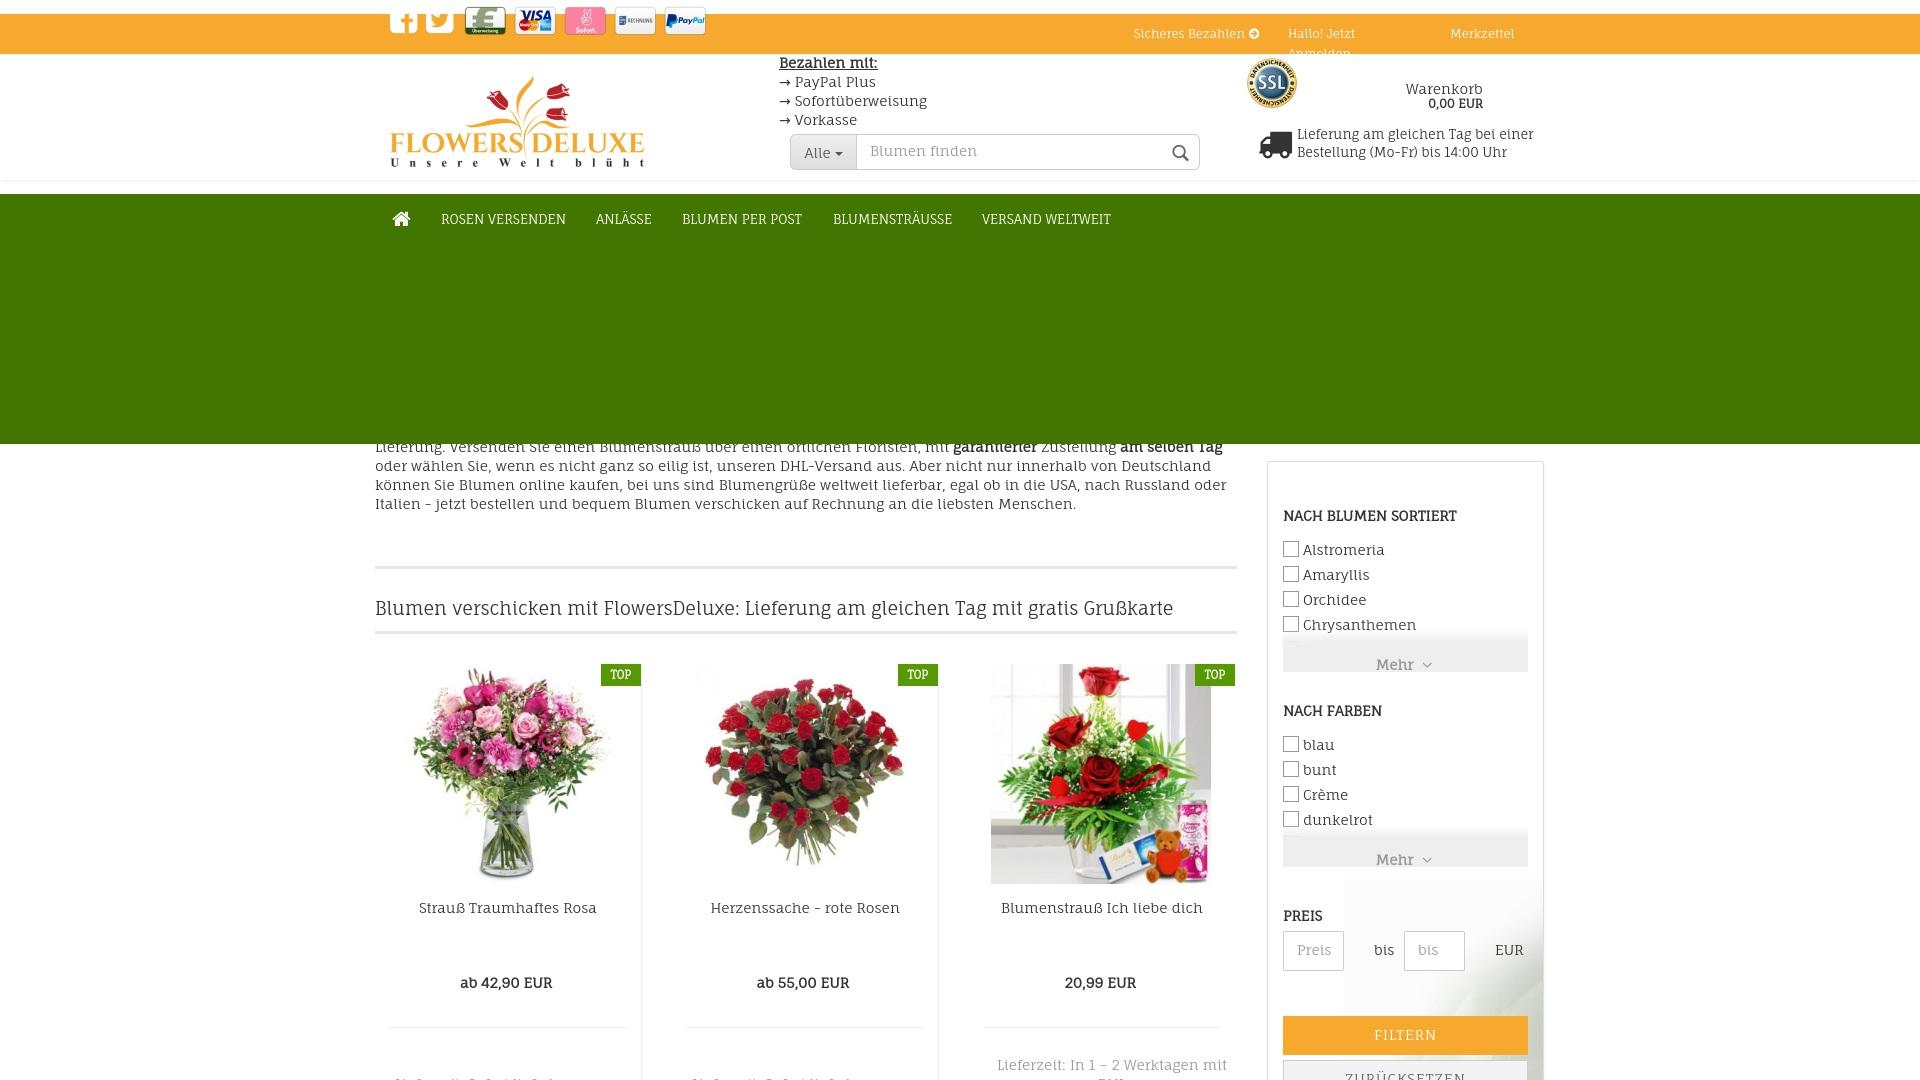 Gutschein für Flowers-deluxe: Rabatte für  Flowers-deluxe sichern